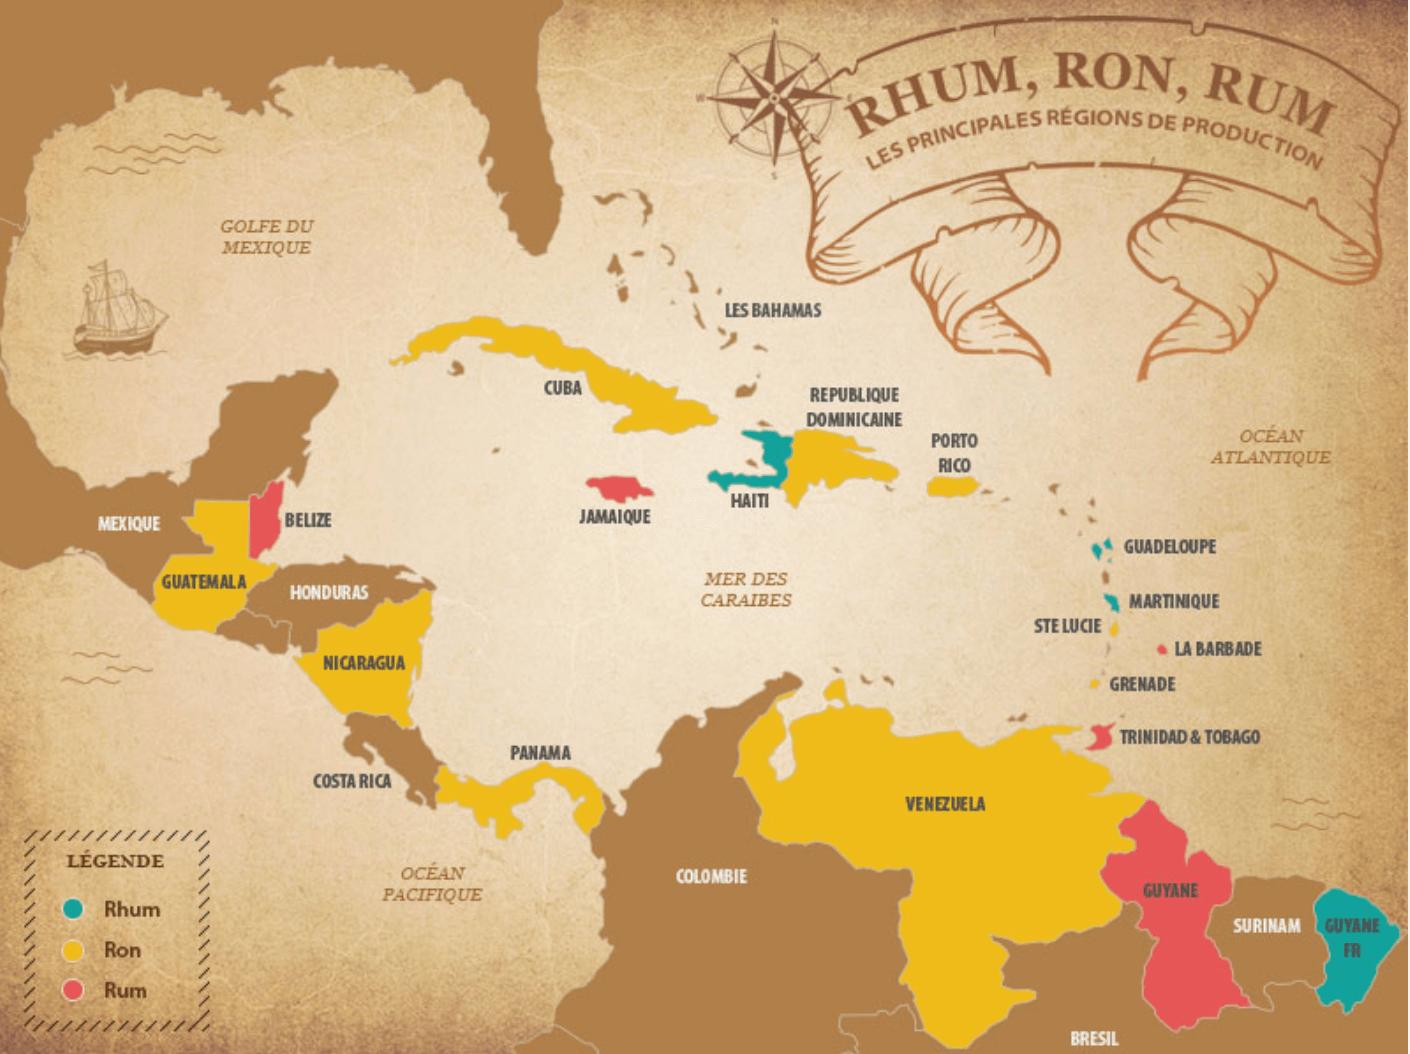 Rhum, Ron, Rum